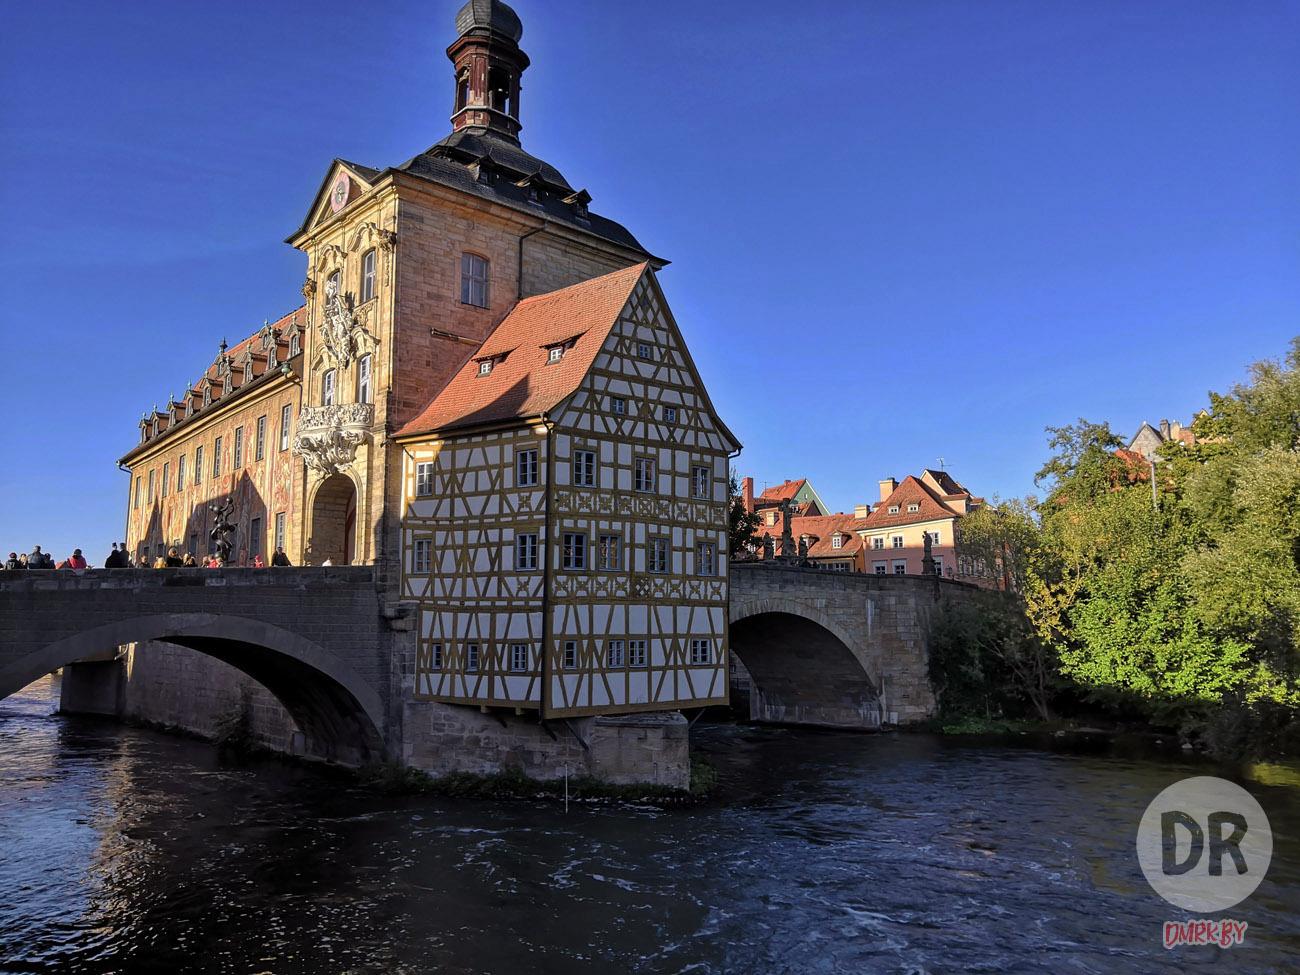 Путешествие по крутейшим городам южной Германии — Нюрнберг, Бамберг, Кобург, Вюрцбург и другие